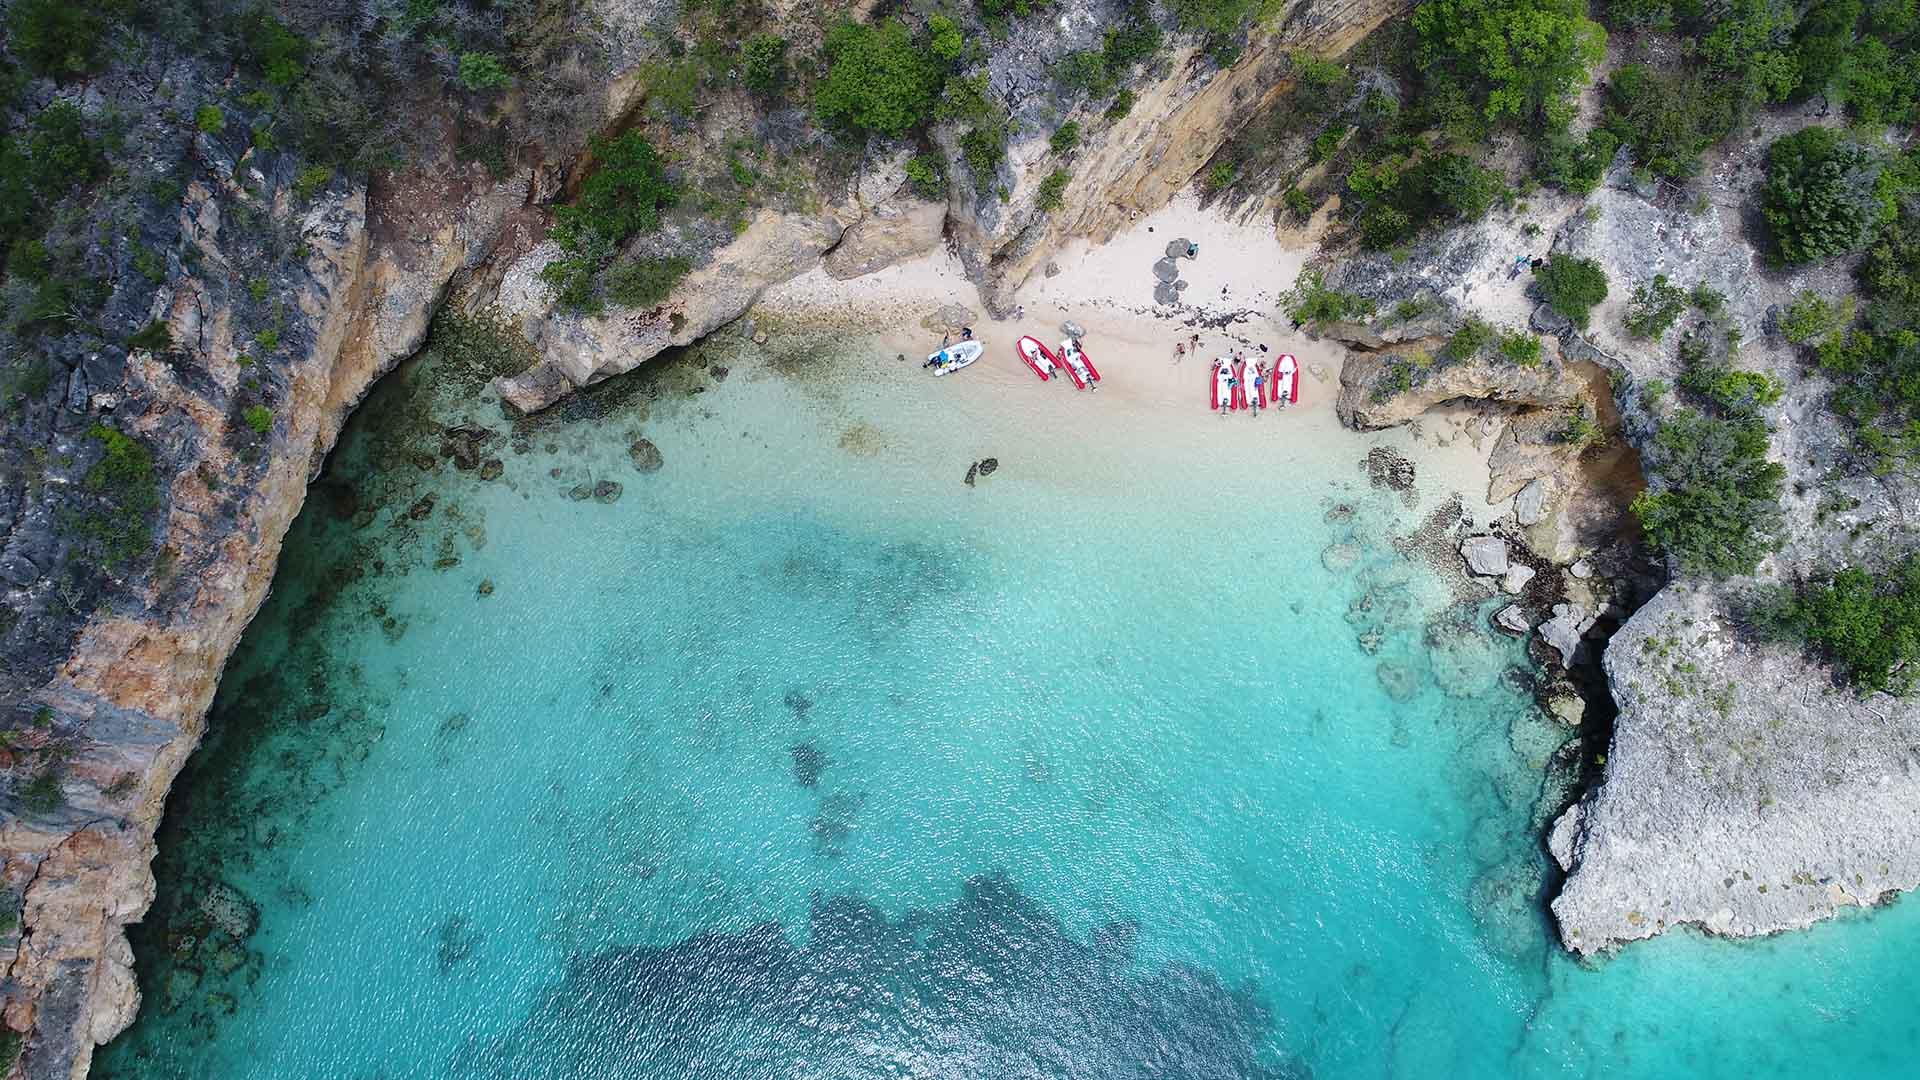 Sus kilómetros de arena blanca y fina, sus aguas prístinas y la tranquila y acogedora actitud de su gente, convierten a las playas de Anguila en unas de las mejores del mundo